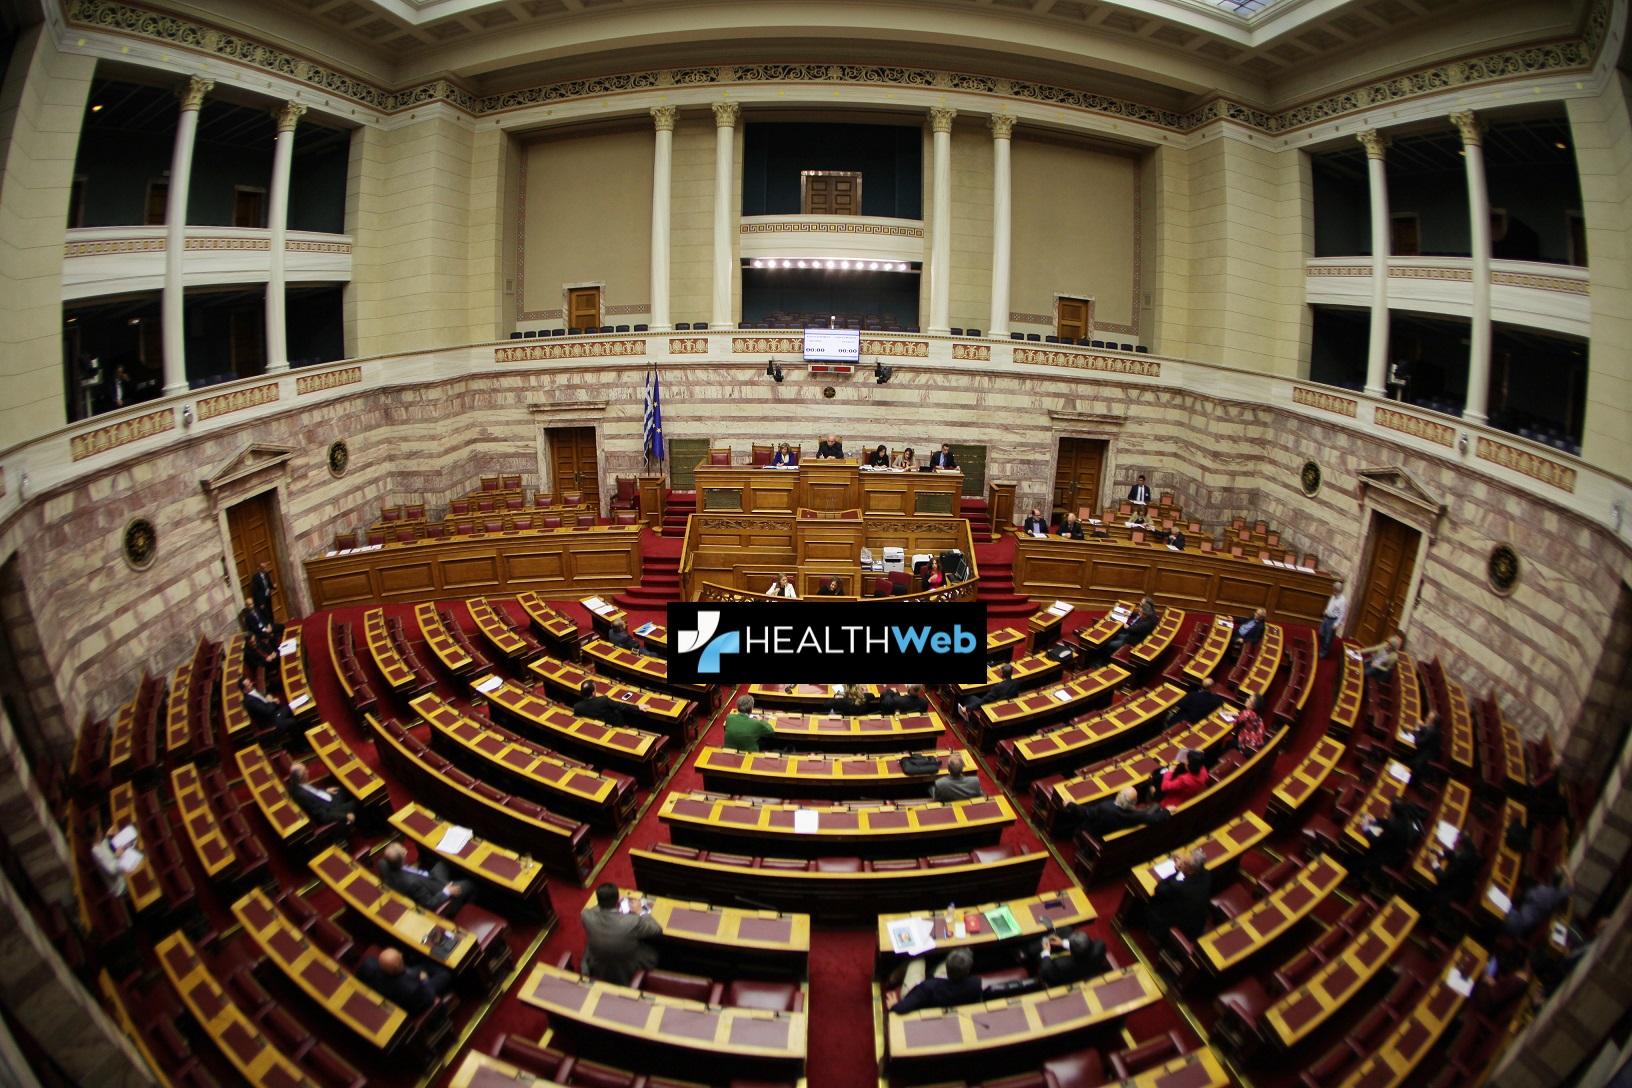 Στην Βουλή από την ΔΗΣΥ οι αποκαλύψεις τουhealthwebgr για απευθείας αναθέσεις στην Υγεία